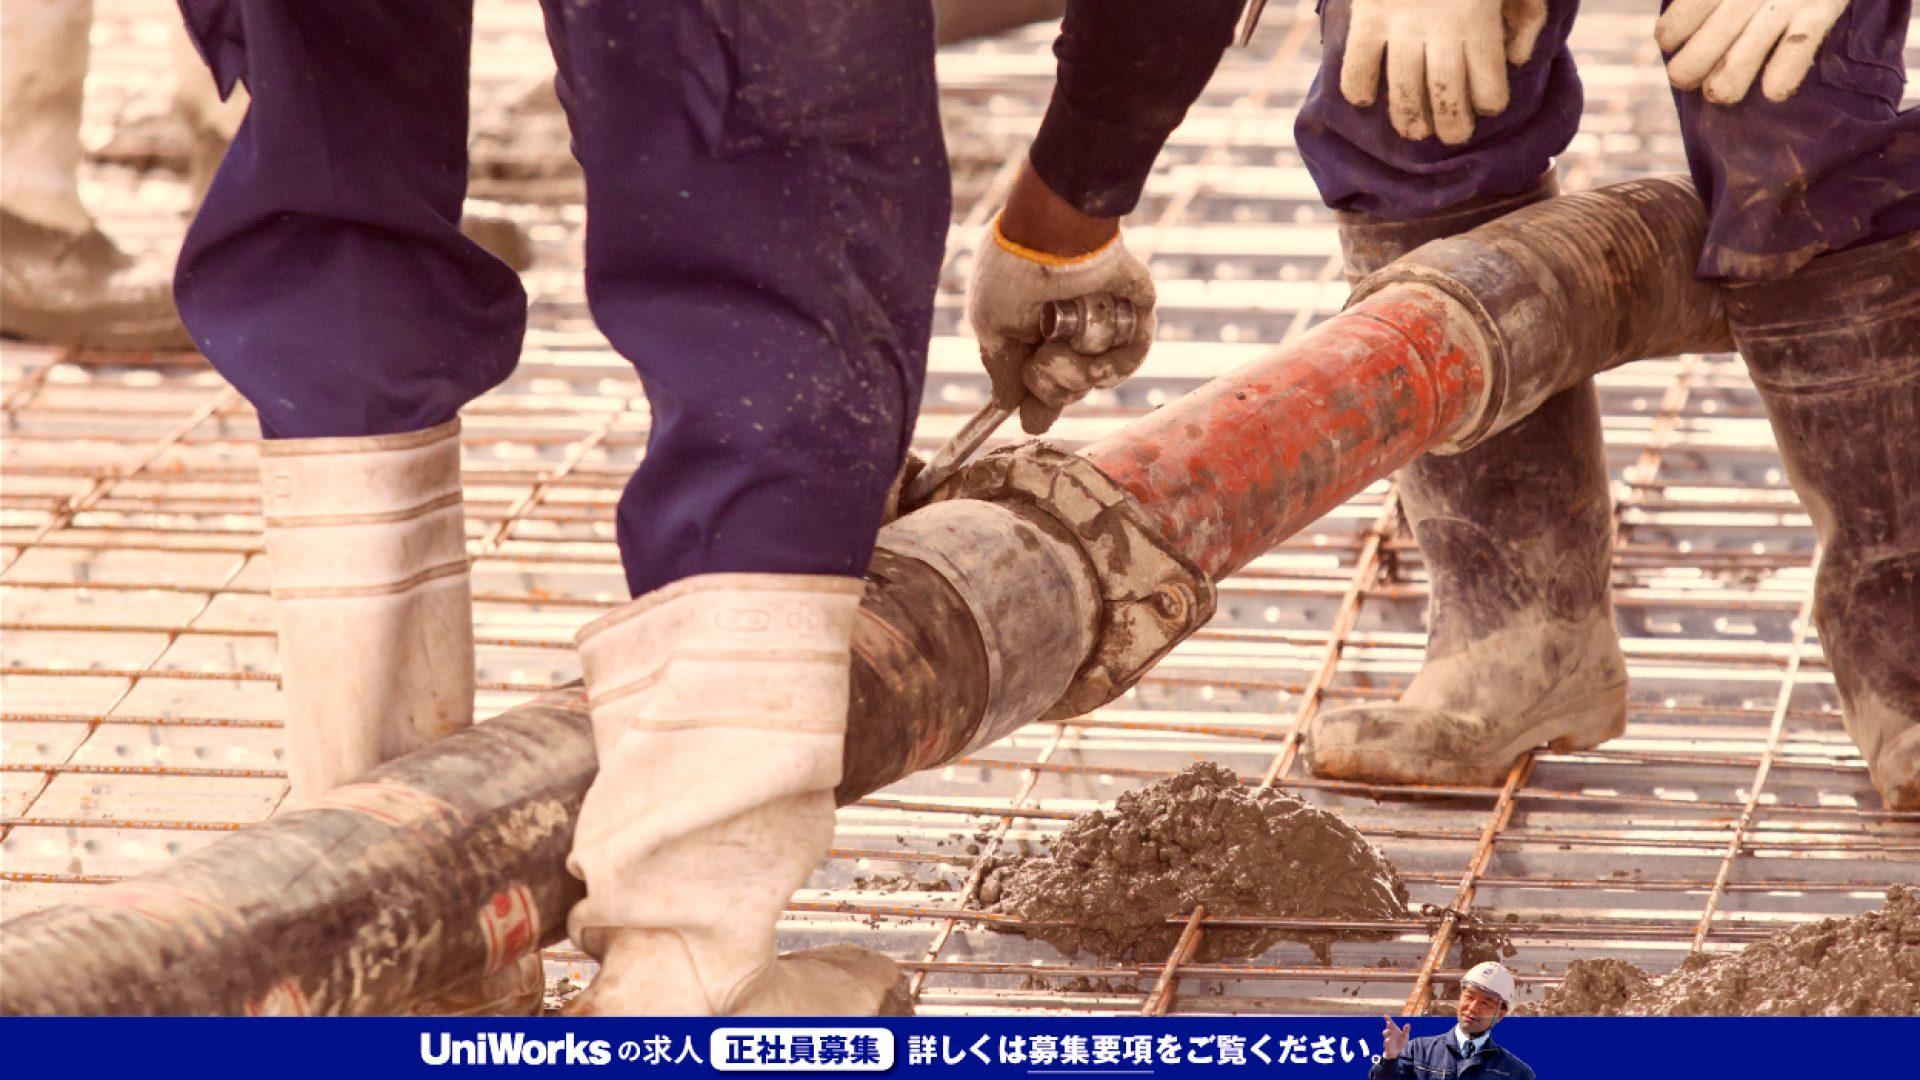 コンクリートを圧送する会社。UniWorks [ユニワークス]